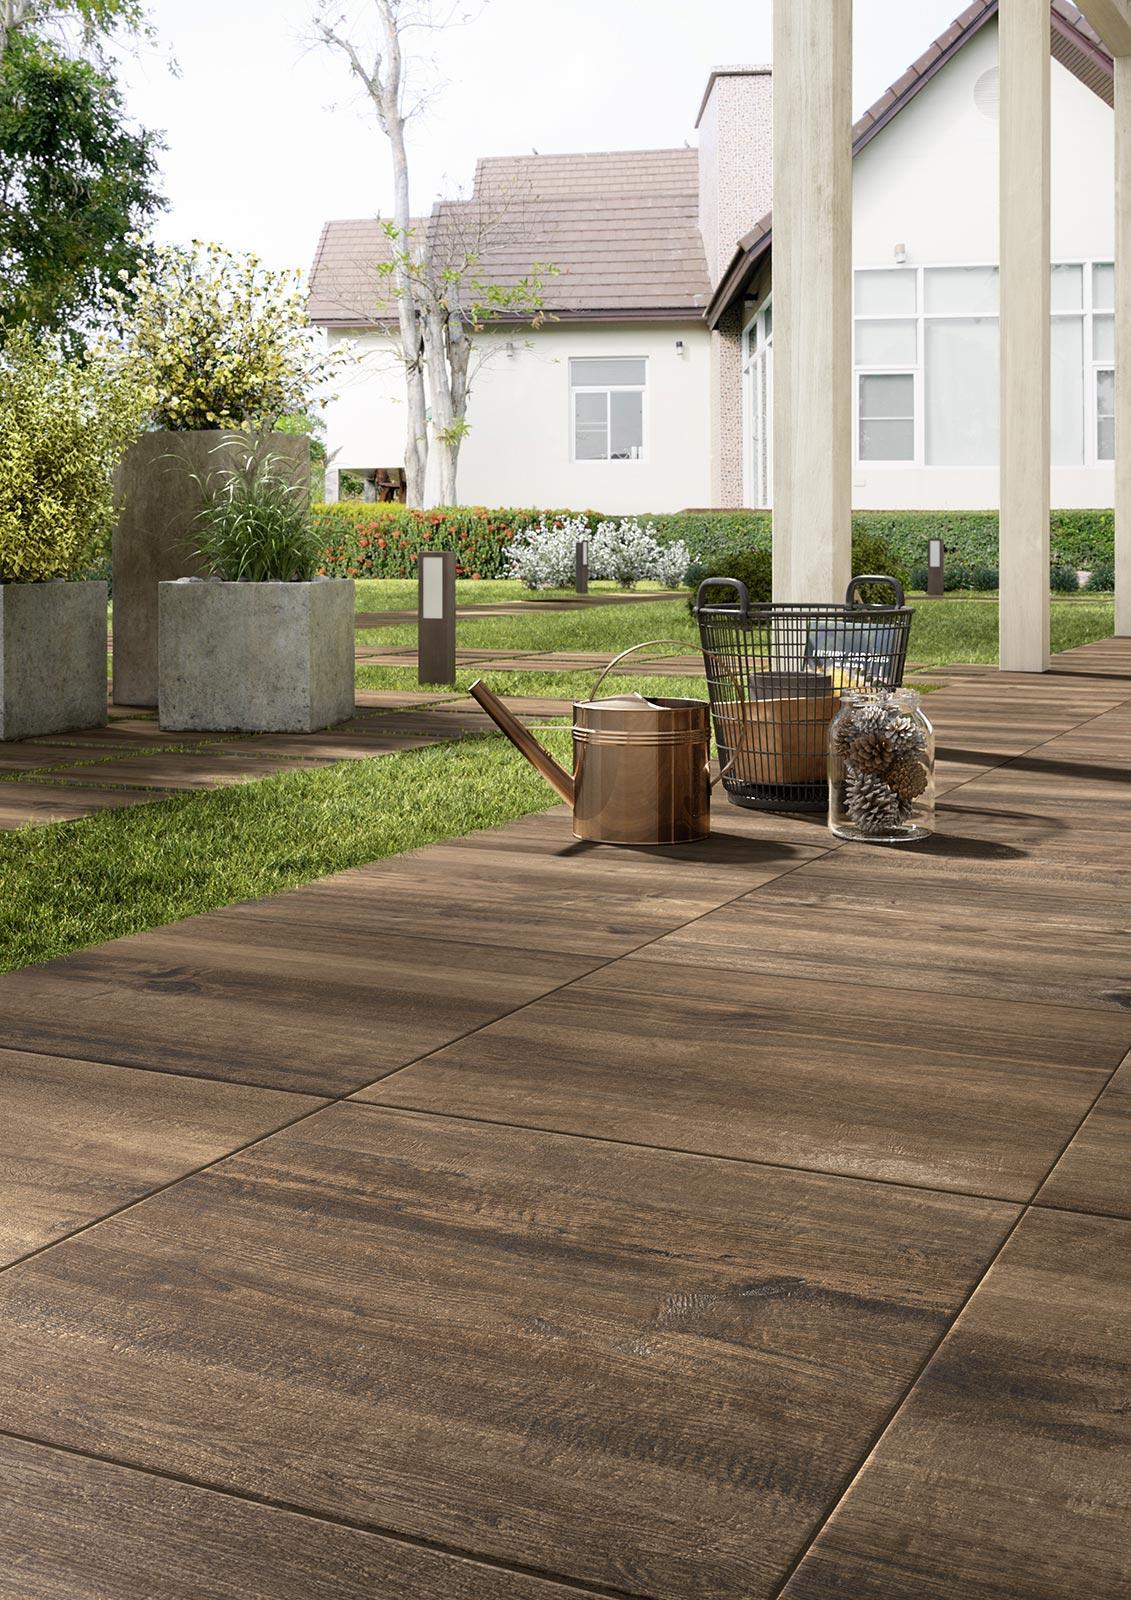 pavimenti per giardini gres da esterno marazzi. Black Bedroom Furniture Sets. Home Design Ideas